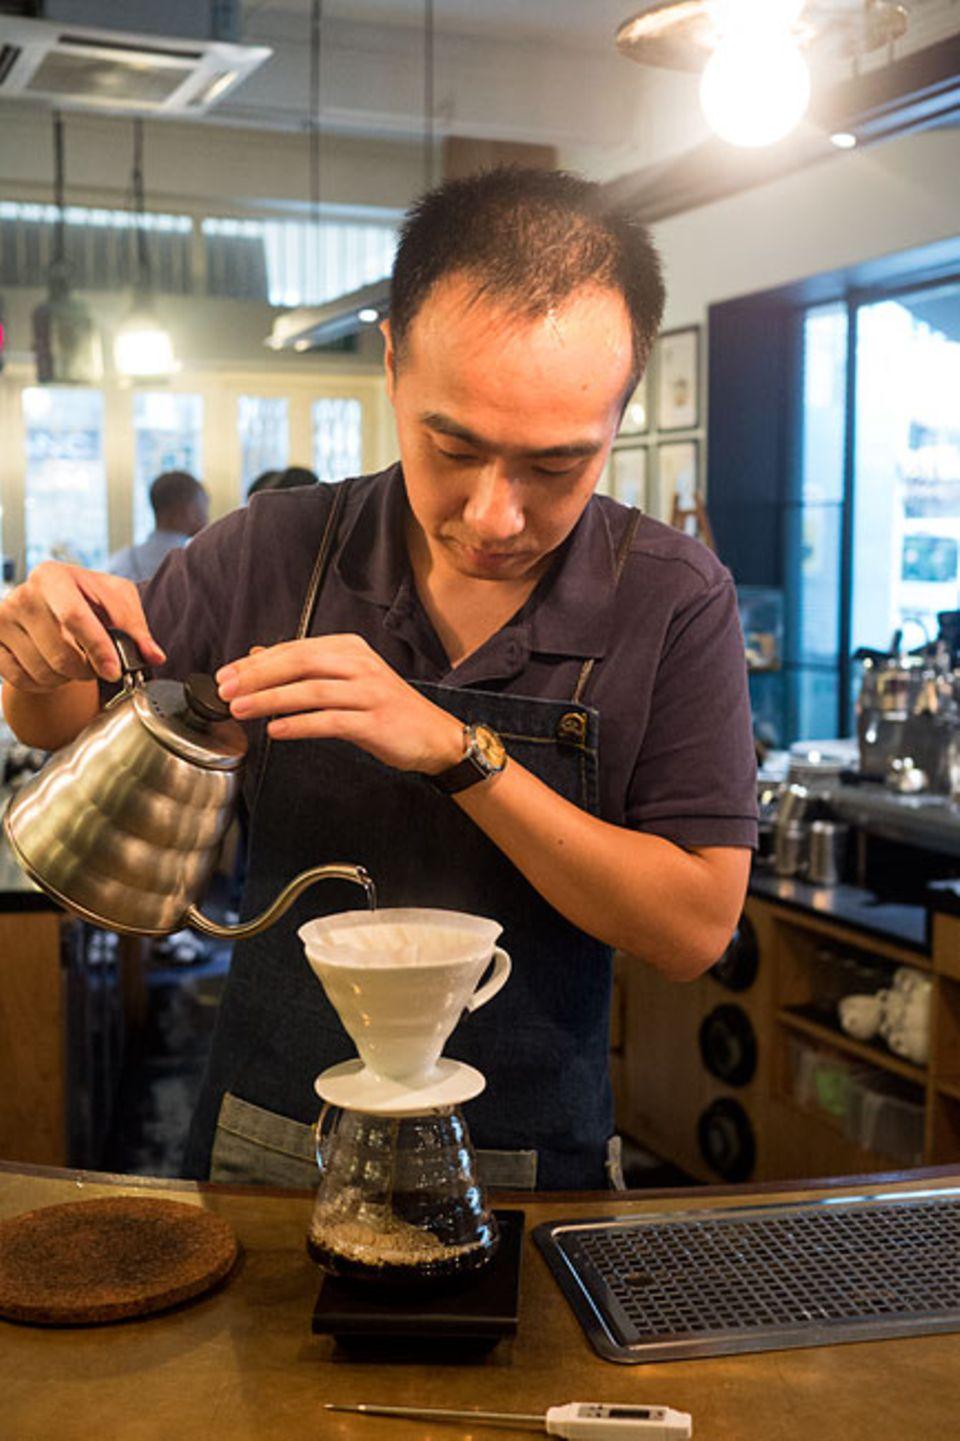 """Reisetipps: Auf einen guten Filterkaffee muss man im """"Chye Seng Huat Hardware"""" schon mal ein paar Minuten warten. Dafür hat das Wasser die perfekte Temperatur"""